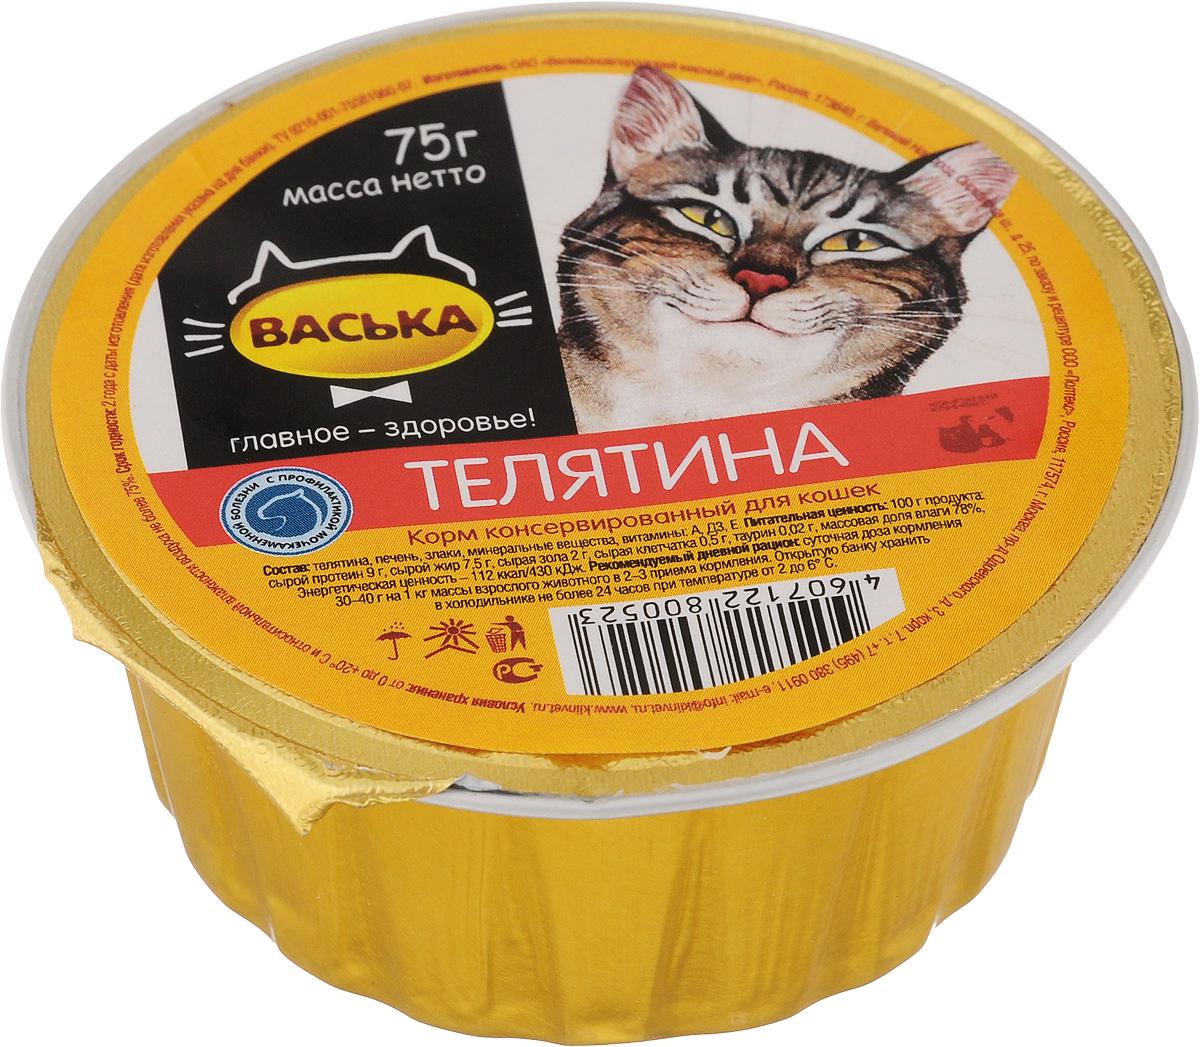 Консервы для кошек Васька, для профилактики мочекаменных болезней, телятина, 75 г12171996Консервированный корм Васька - это сбалансированное и полнорационное питание, которое обеспечит вашего питомца необходимыми белками, жирами, витаминами и микроэлементами. Нежный паштет порадует кошек любых возрастов и вкусовых предпочтений. Высокий процент содержания влаги в продукте является отличной профилактикой возникновения мочекаменной болезни. Нежное мясо молодого теленка отличается пониженной жирностью, а входящие в состав витамины, незаменимые аминокислоты - таурин и микроэлементы позволят вашему питомцу быть здоровым и жизнерадостным. Корм абсолютно натуральный, не содержит ГМО, ароматизаторов и искусственных красителей. Удобная одноразовая упаковка сохраняет корм свежим и позволяет контролировать порцию потребления.Товар сертифицирован.